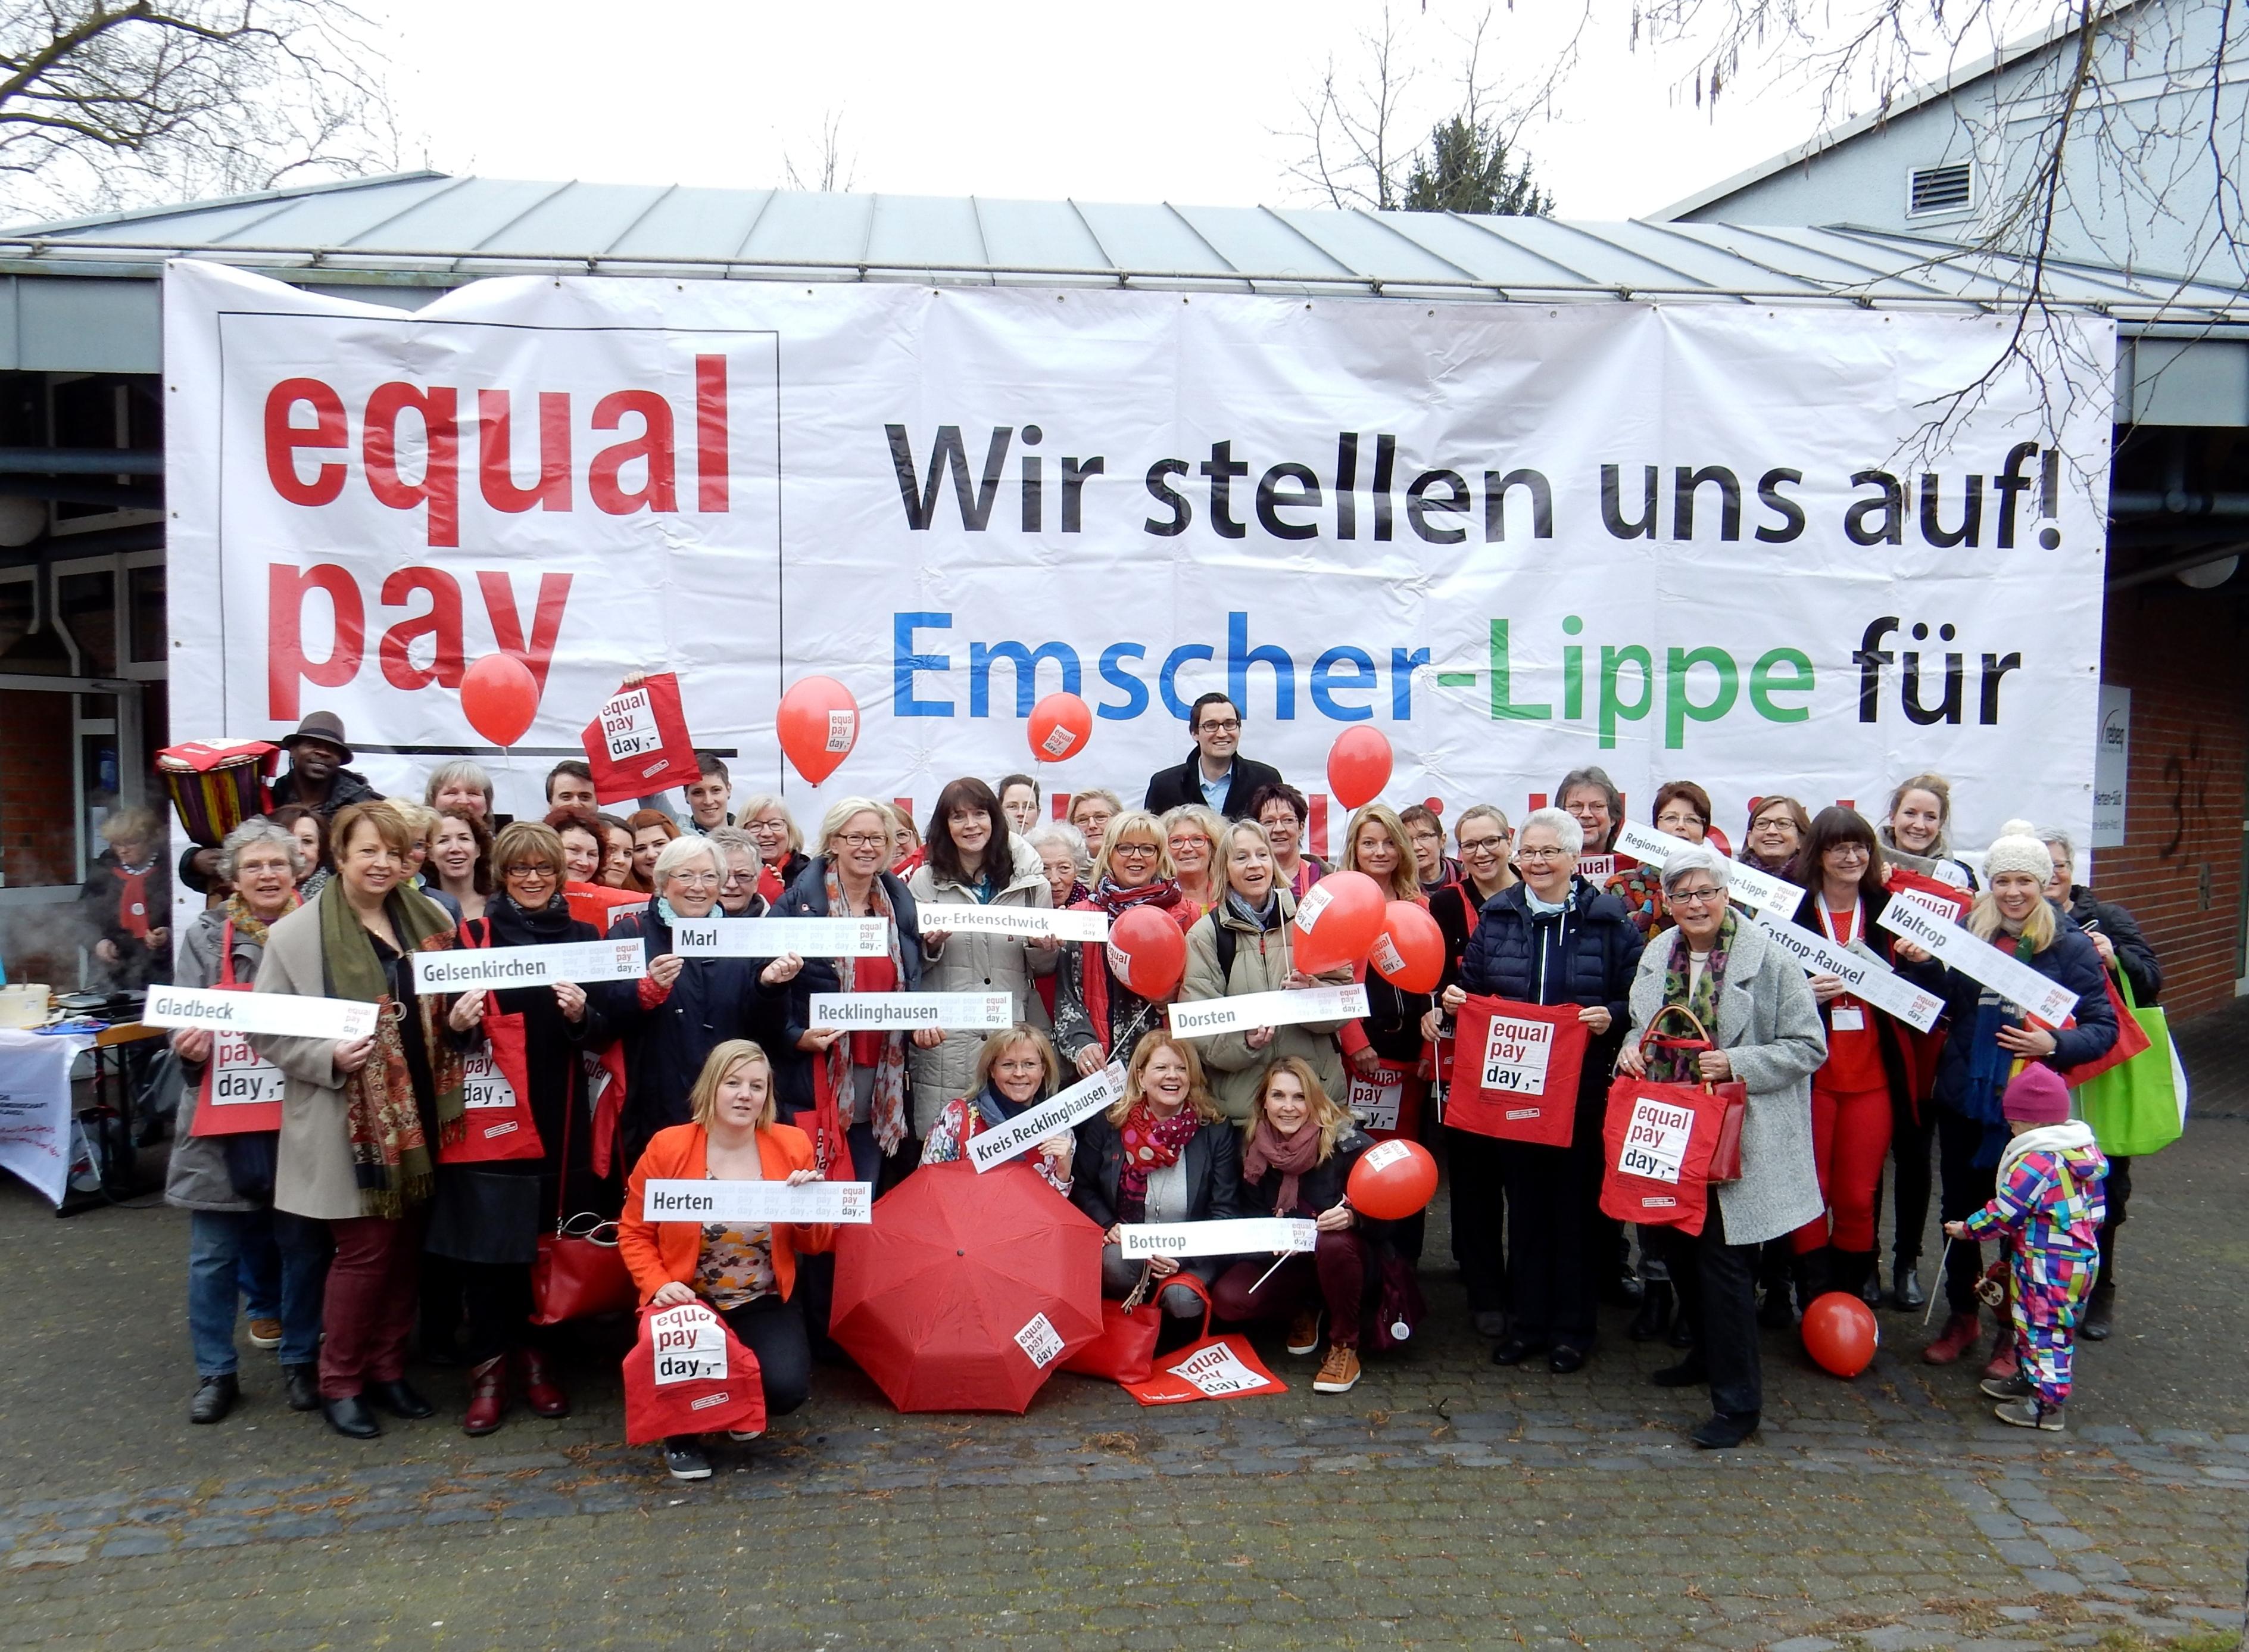 Aufstellung für mehr Lohngerechtigkeit, in diesem Jahr vor dem Bürgerhaus–Herten-Süd am 18.03.2016.